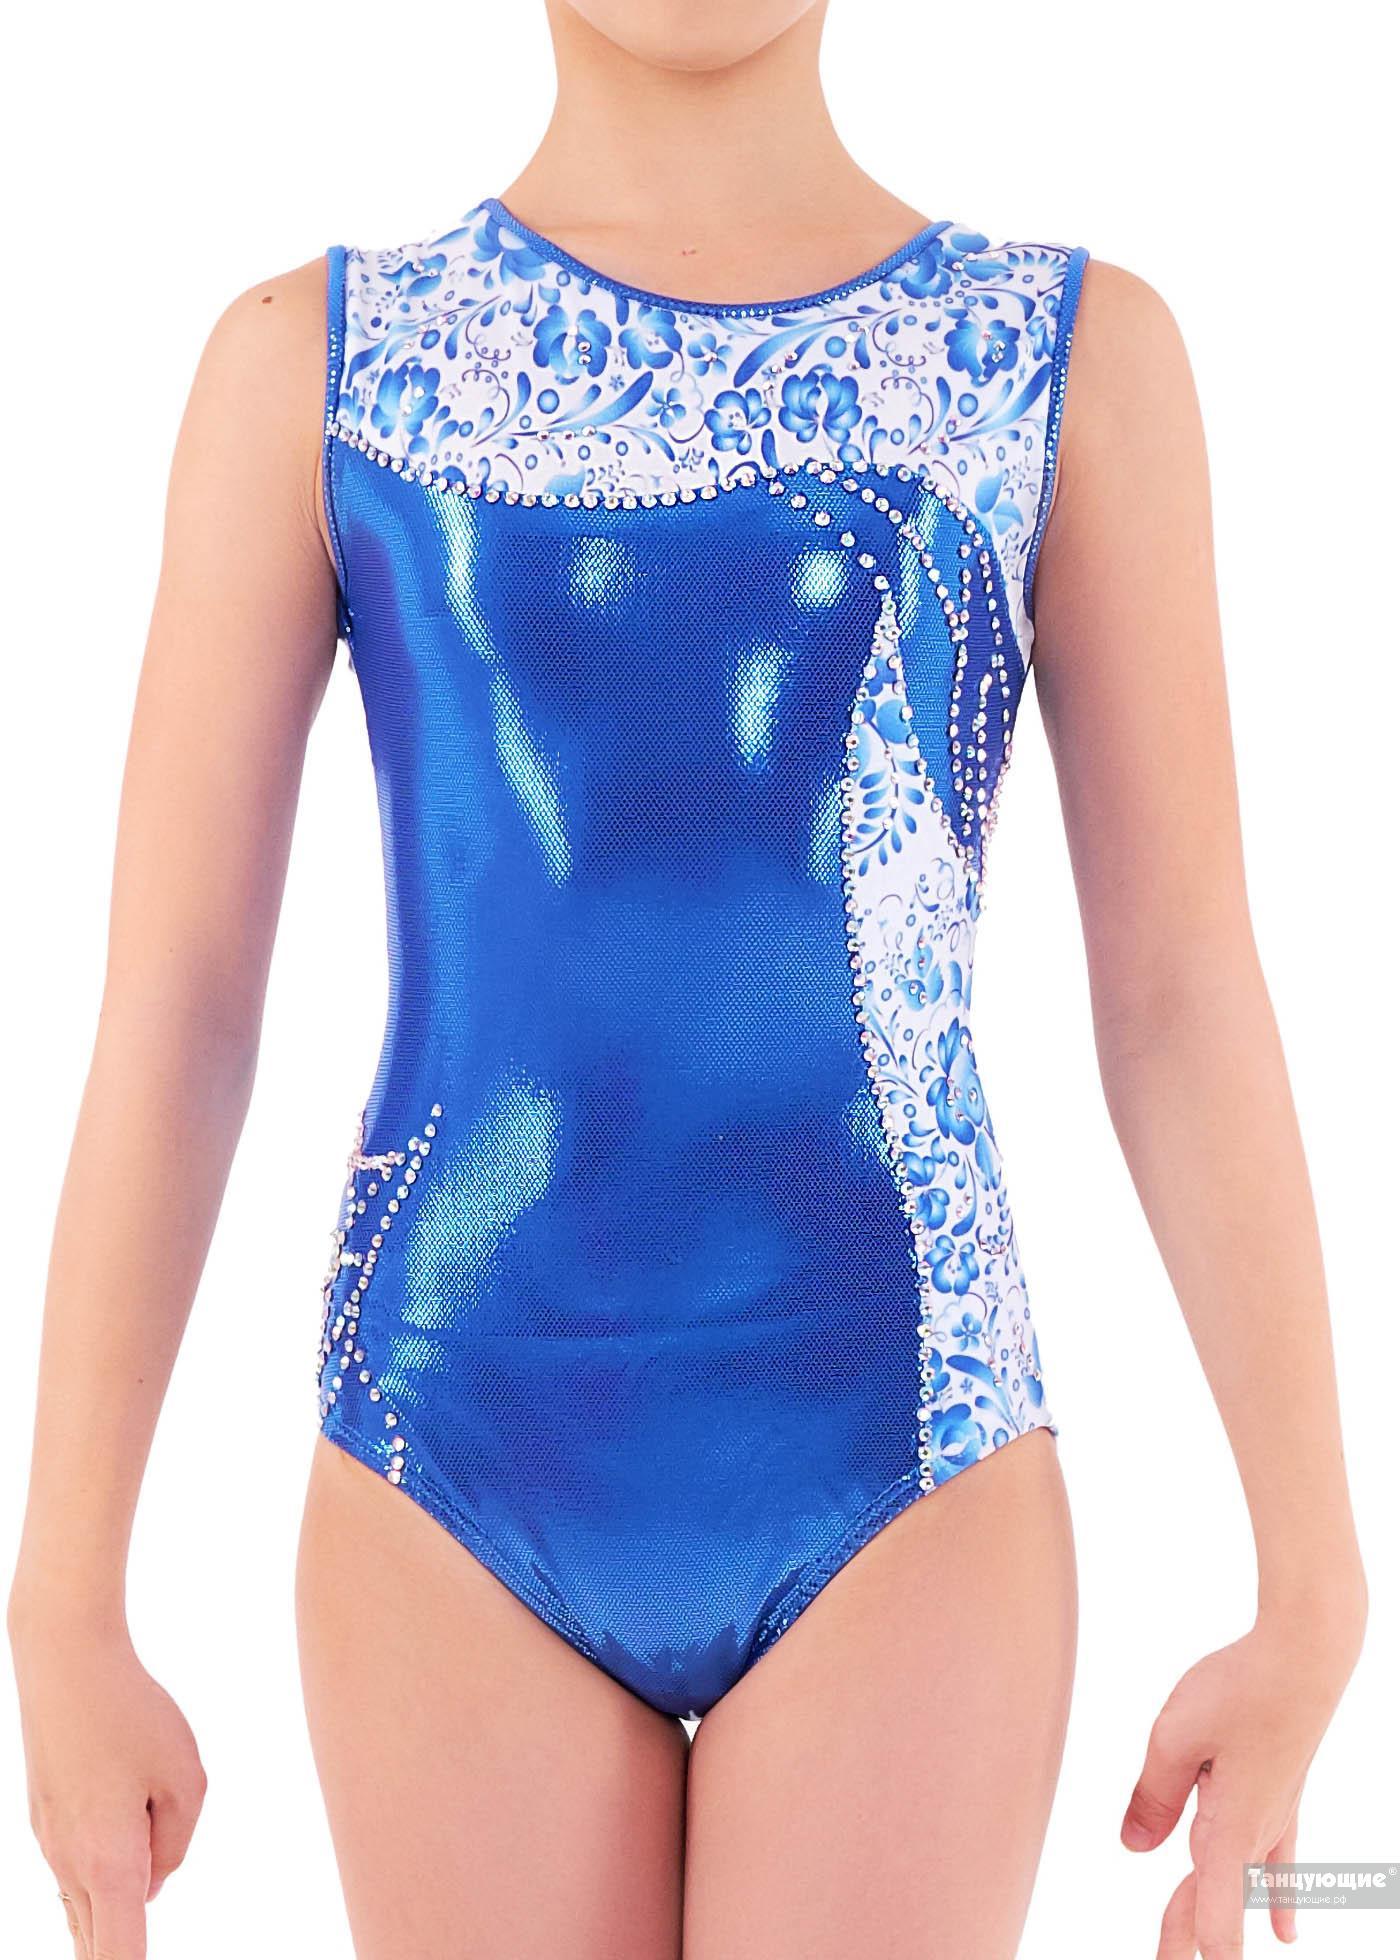 e205fa02 Купить купальники для спортивной гимнастики, акробатики, аэробики в ...